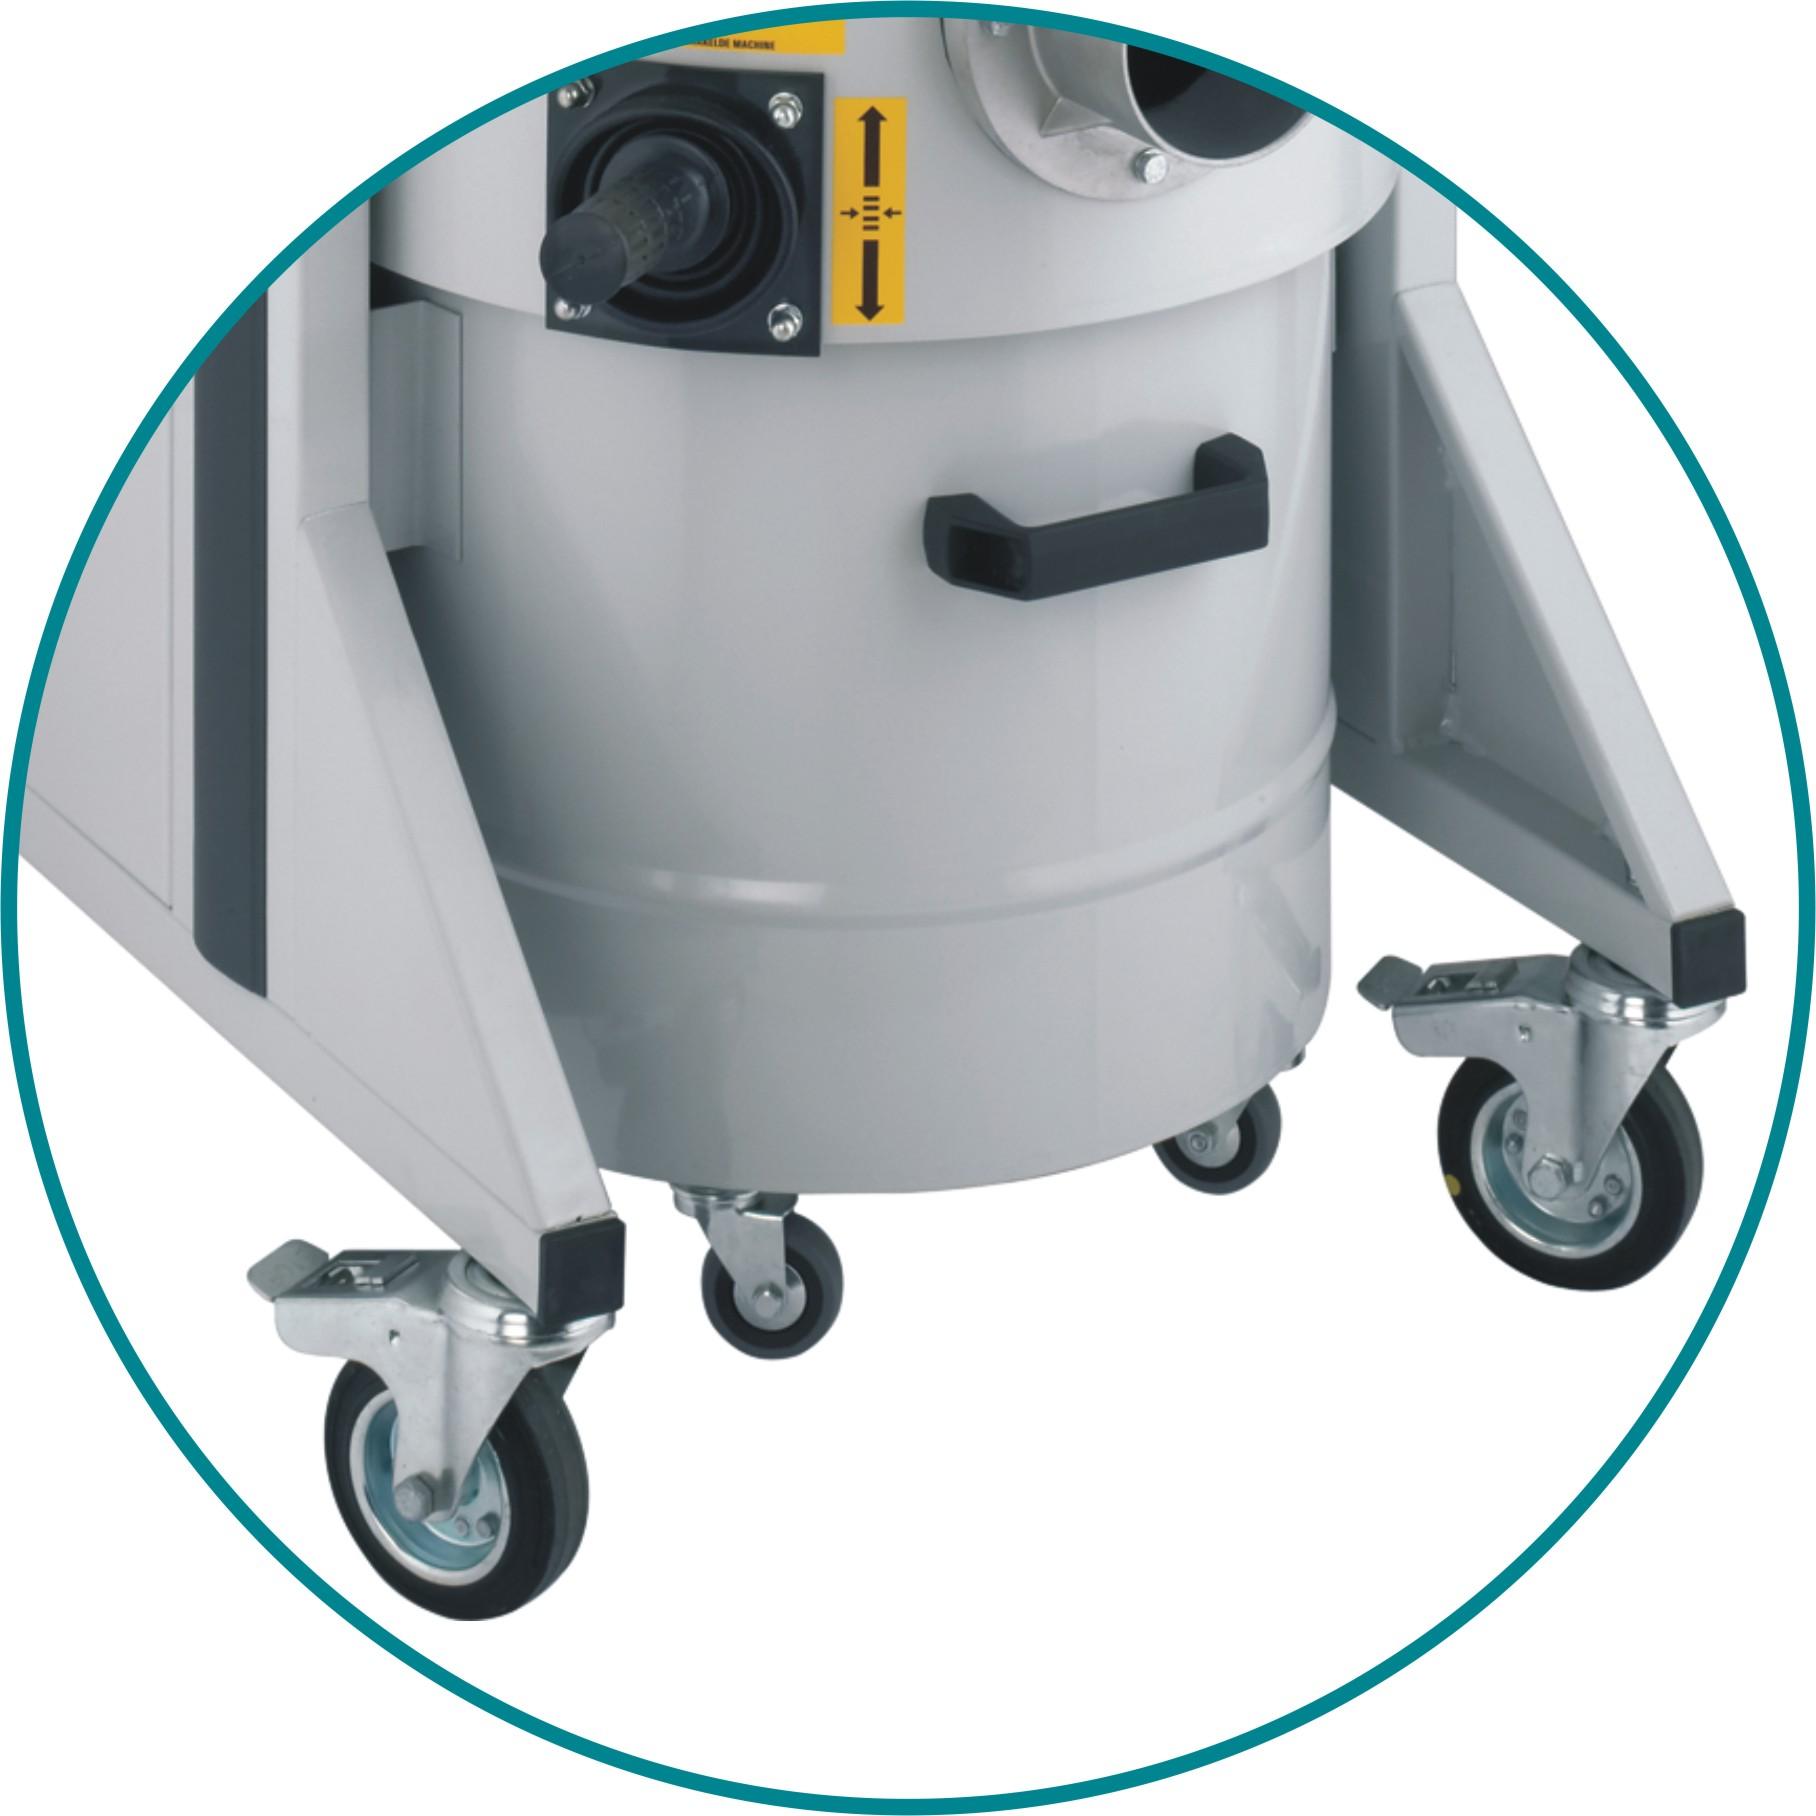 Mistral 3534 Vacuum Cleaner